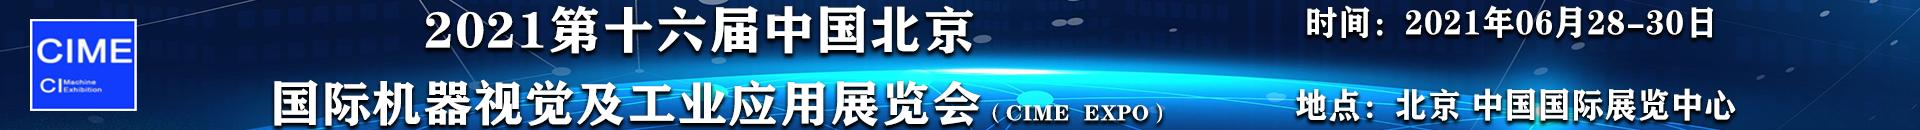 2021第十六届中国北京国际机器视觉及工业应用展览会(CIME EXPO)